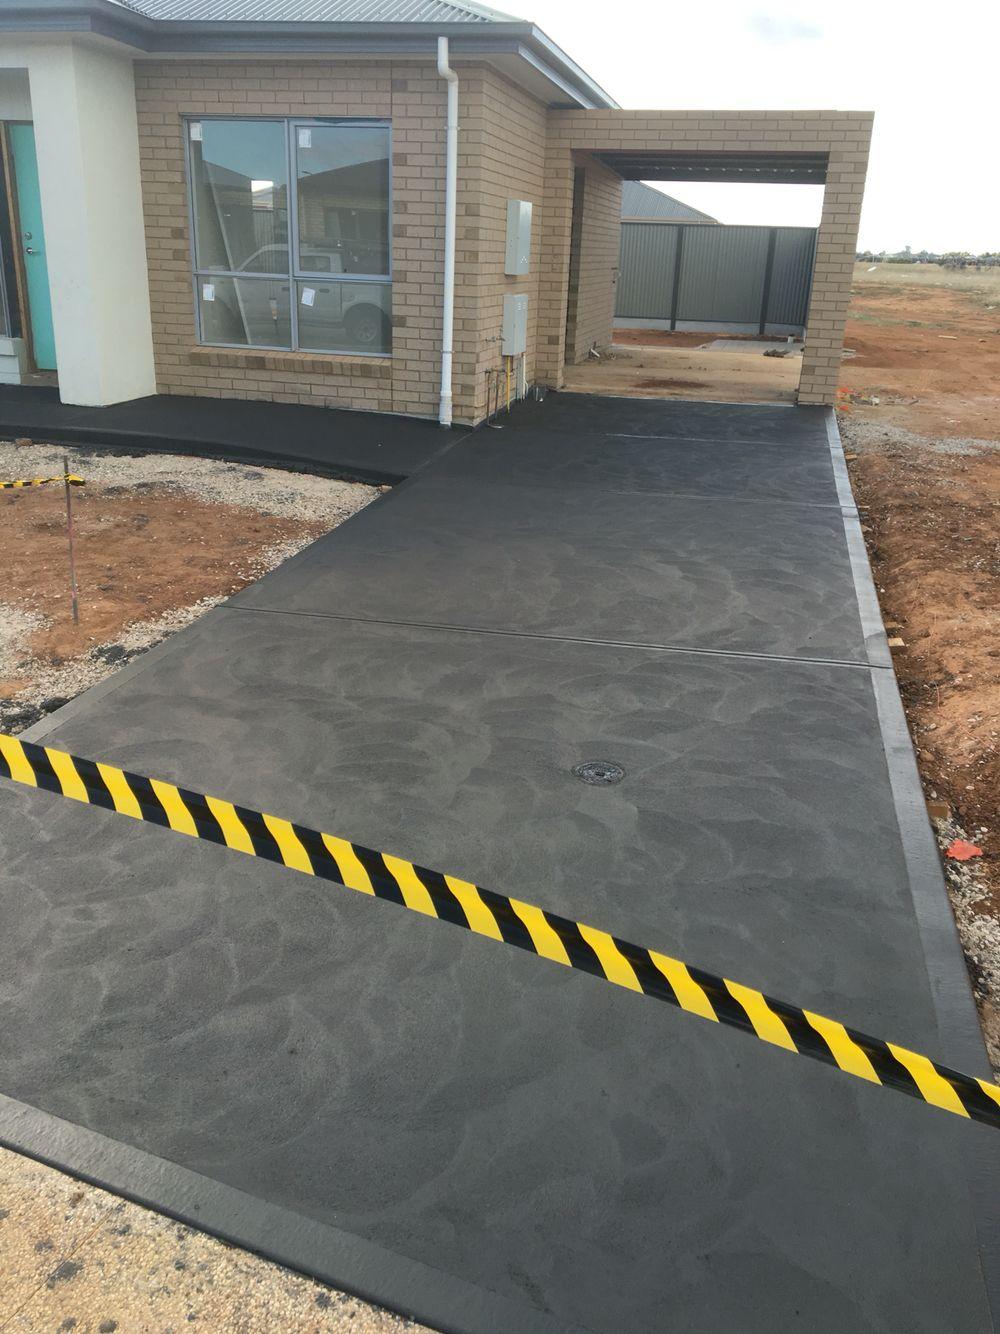 Black Concrete Driveway Done By A P Concrete Driveway Design